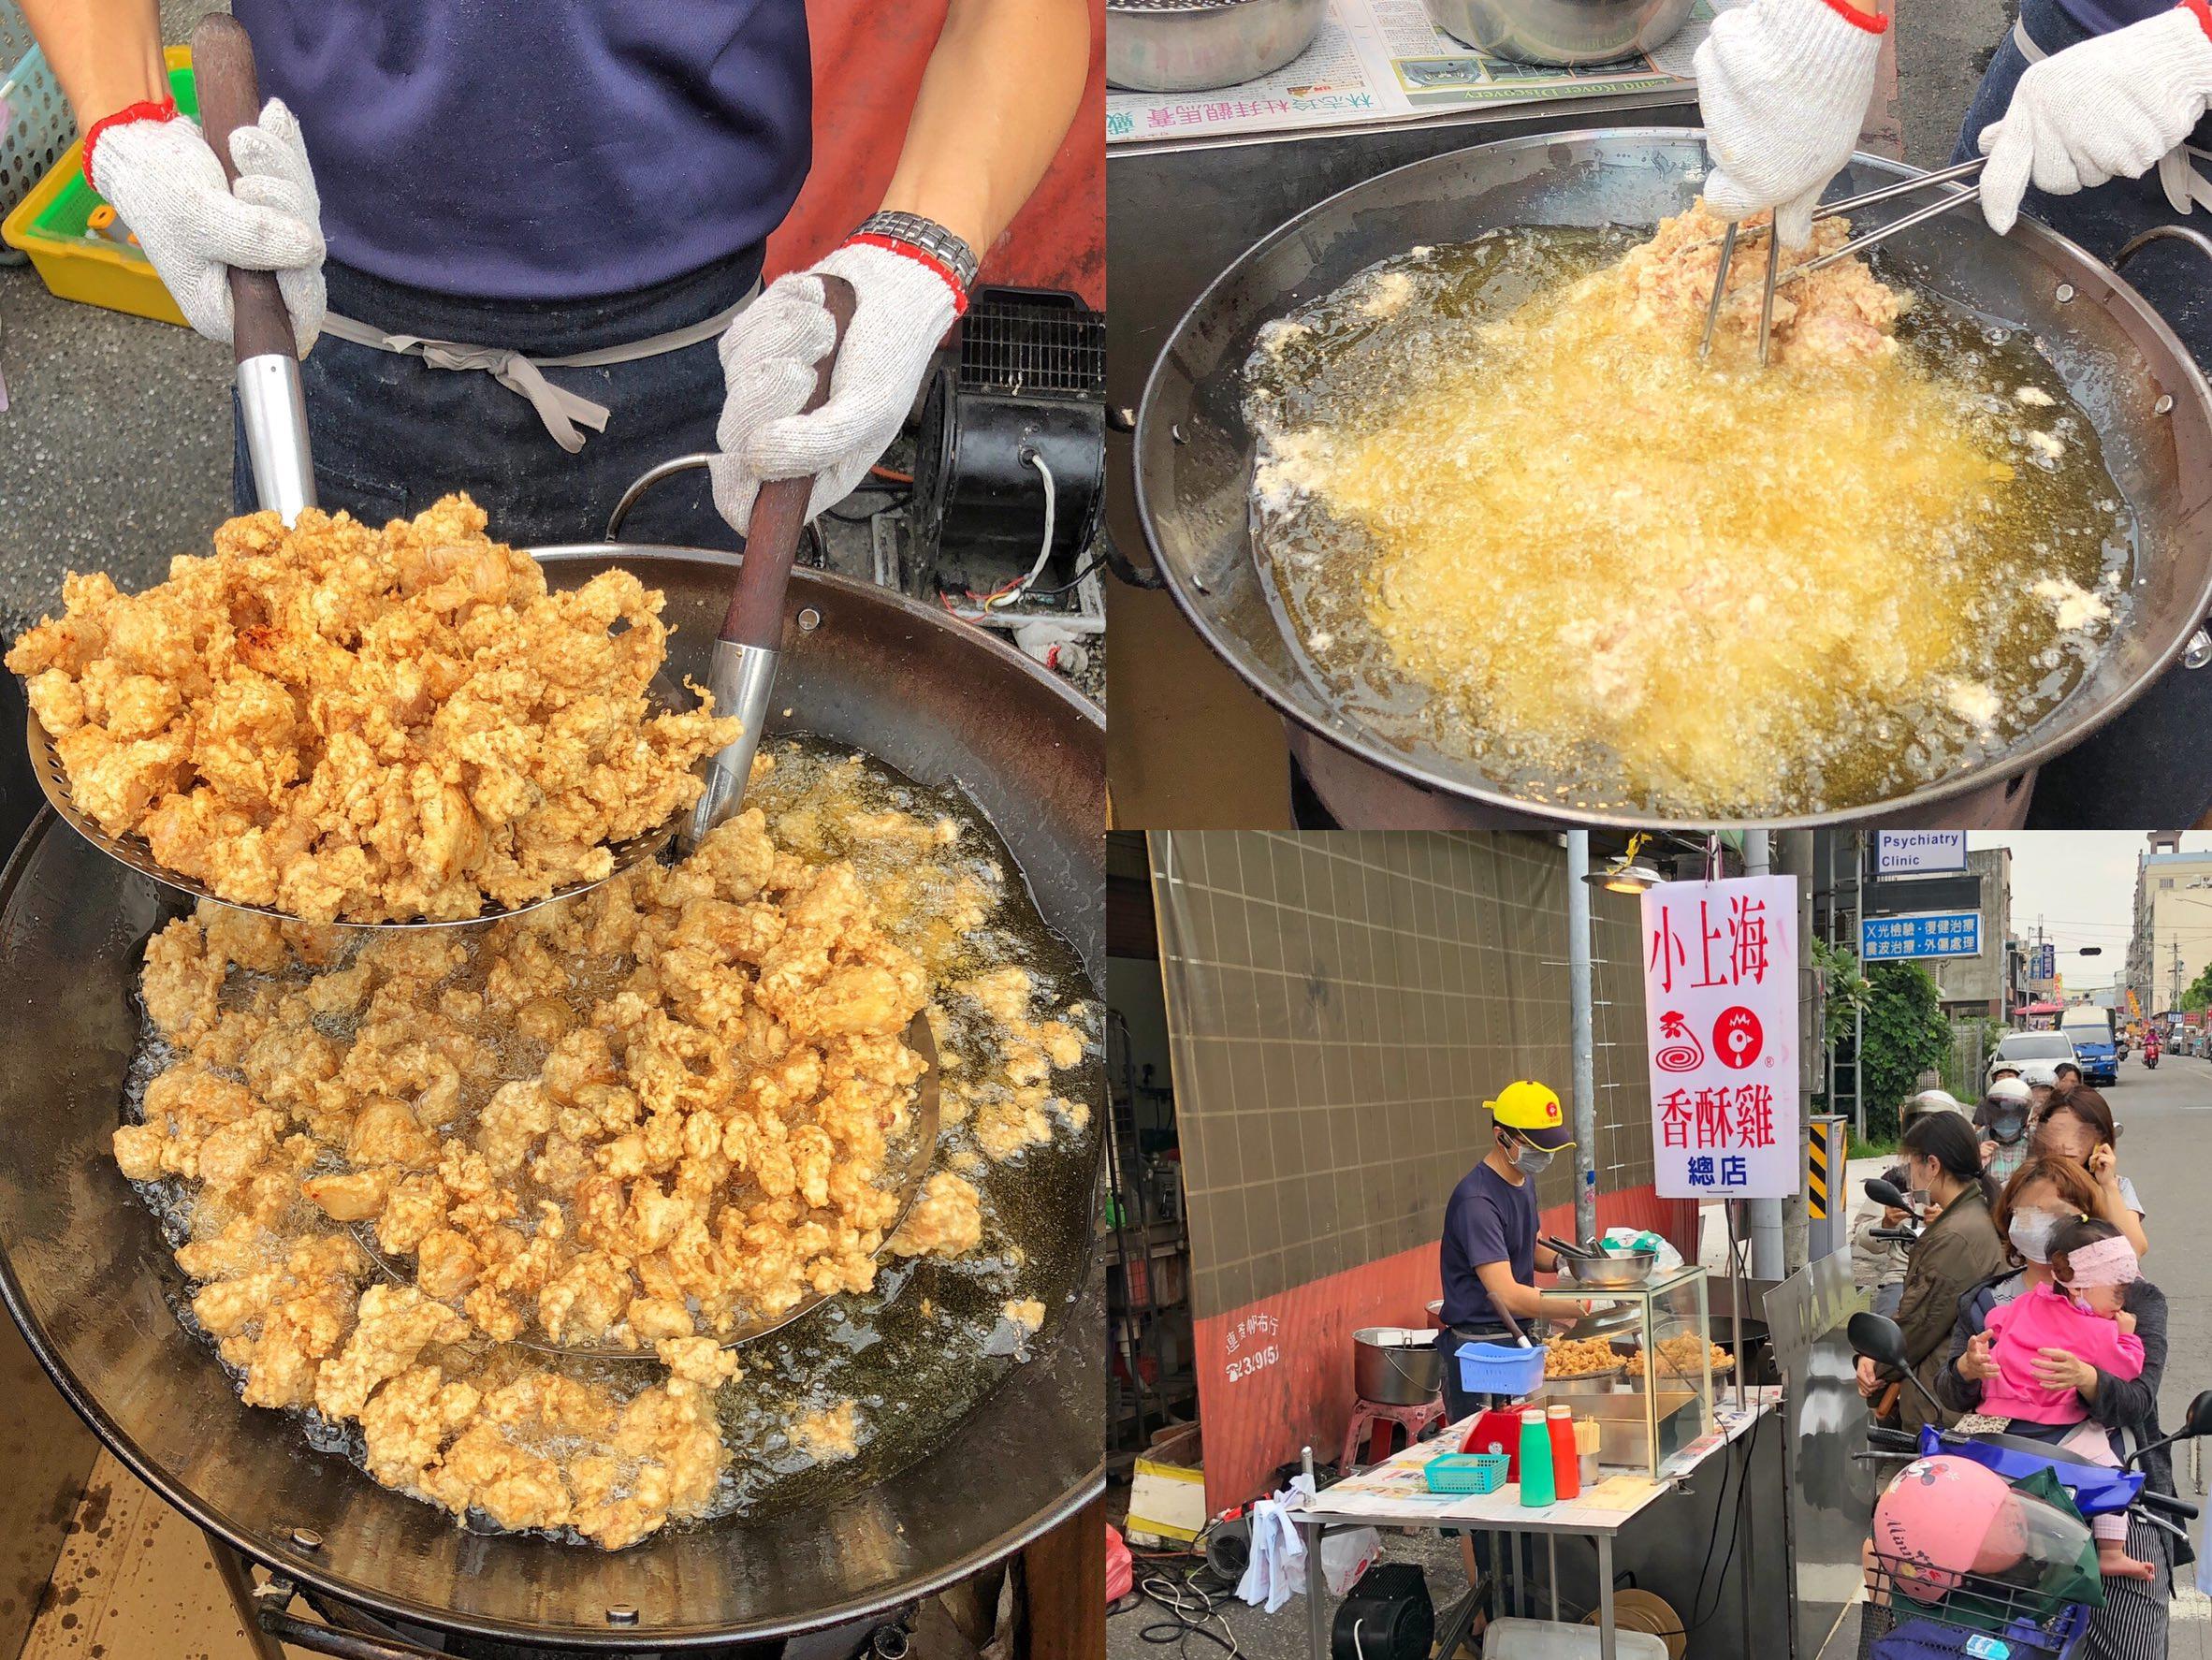 台南聖龍夜市美食【小上海香酥雞】永康人都知道的「小上海得來速」 每次都大排長龍生意超好 !